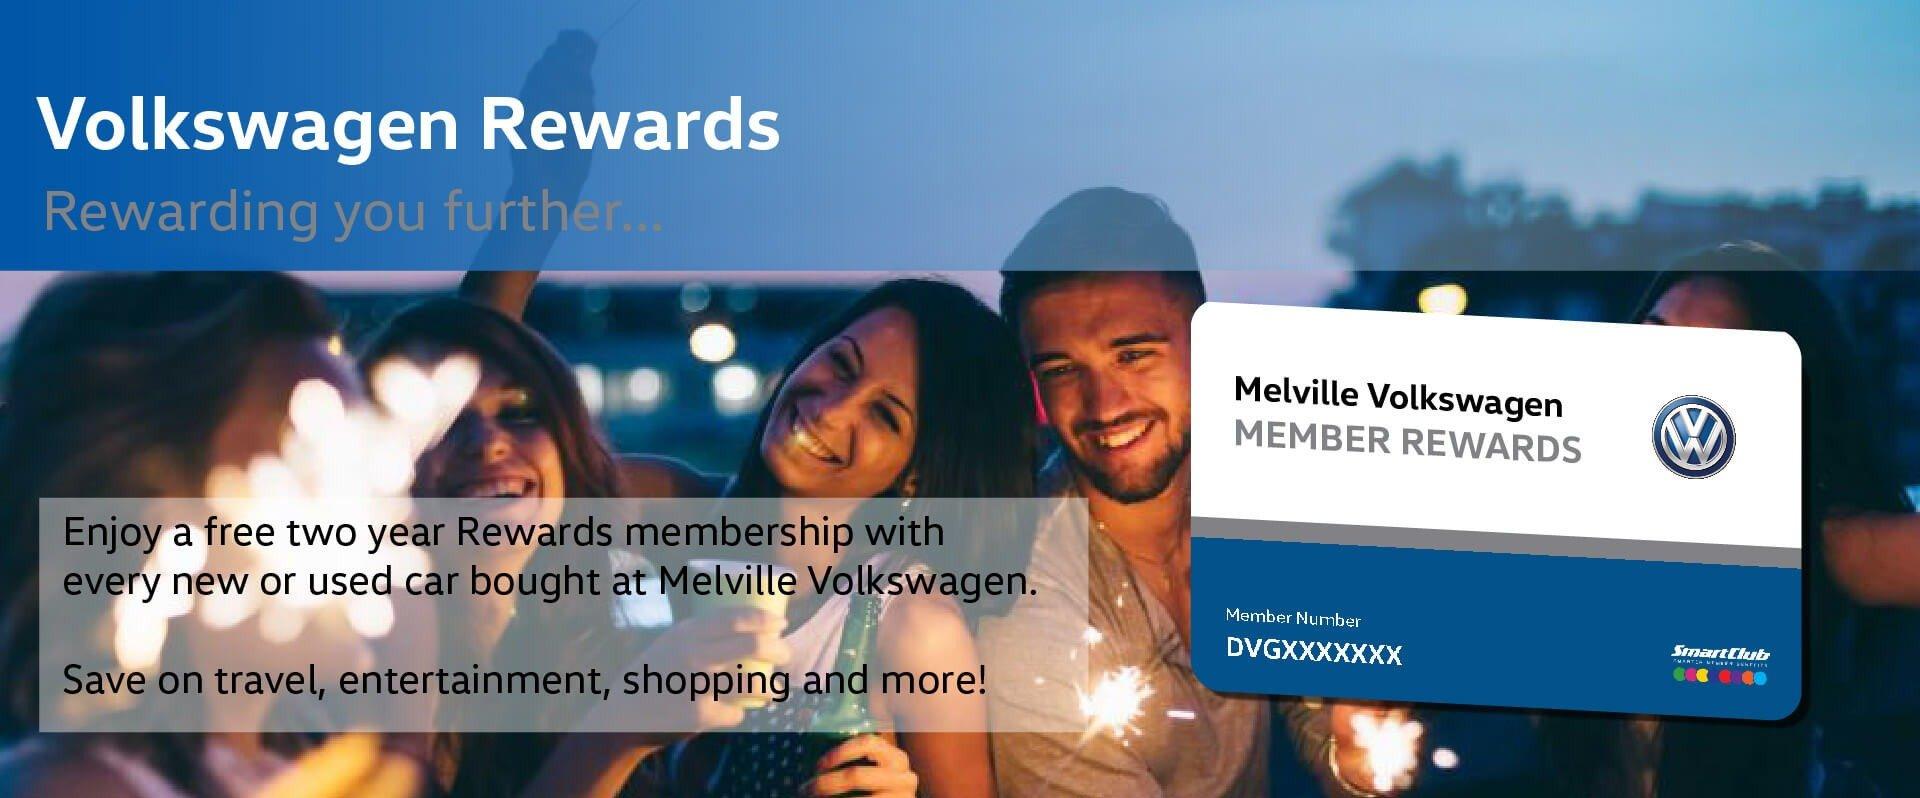 Melville Volkswagen Rewards